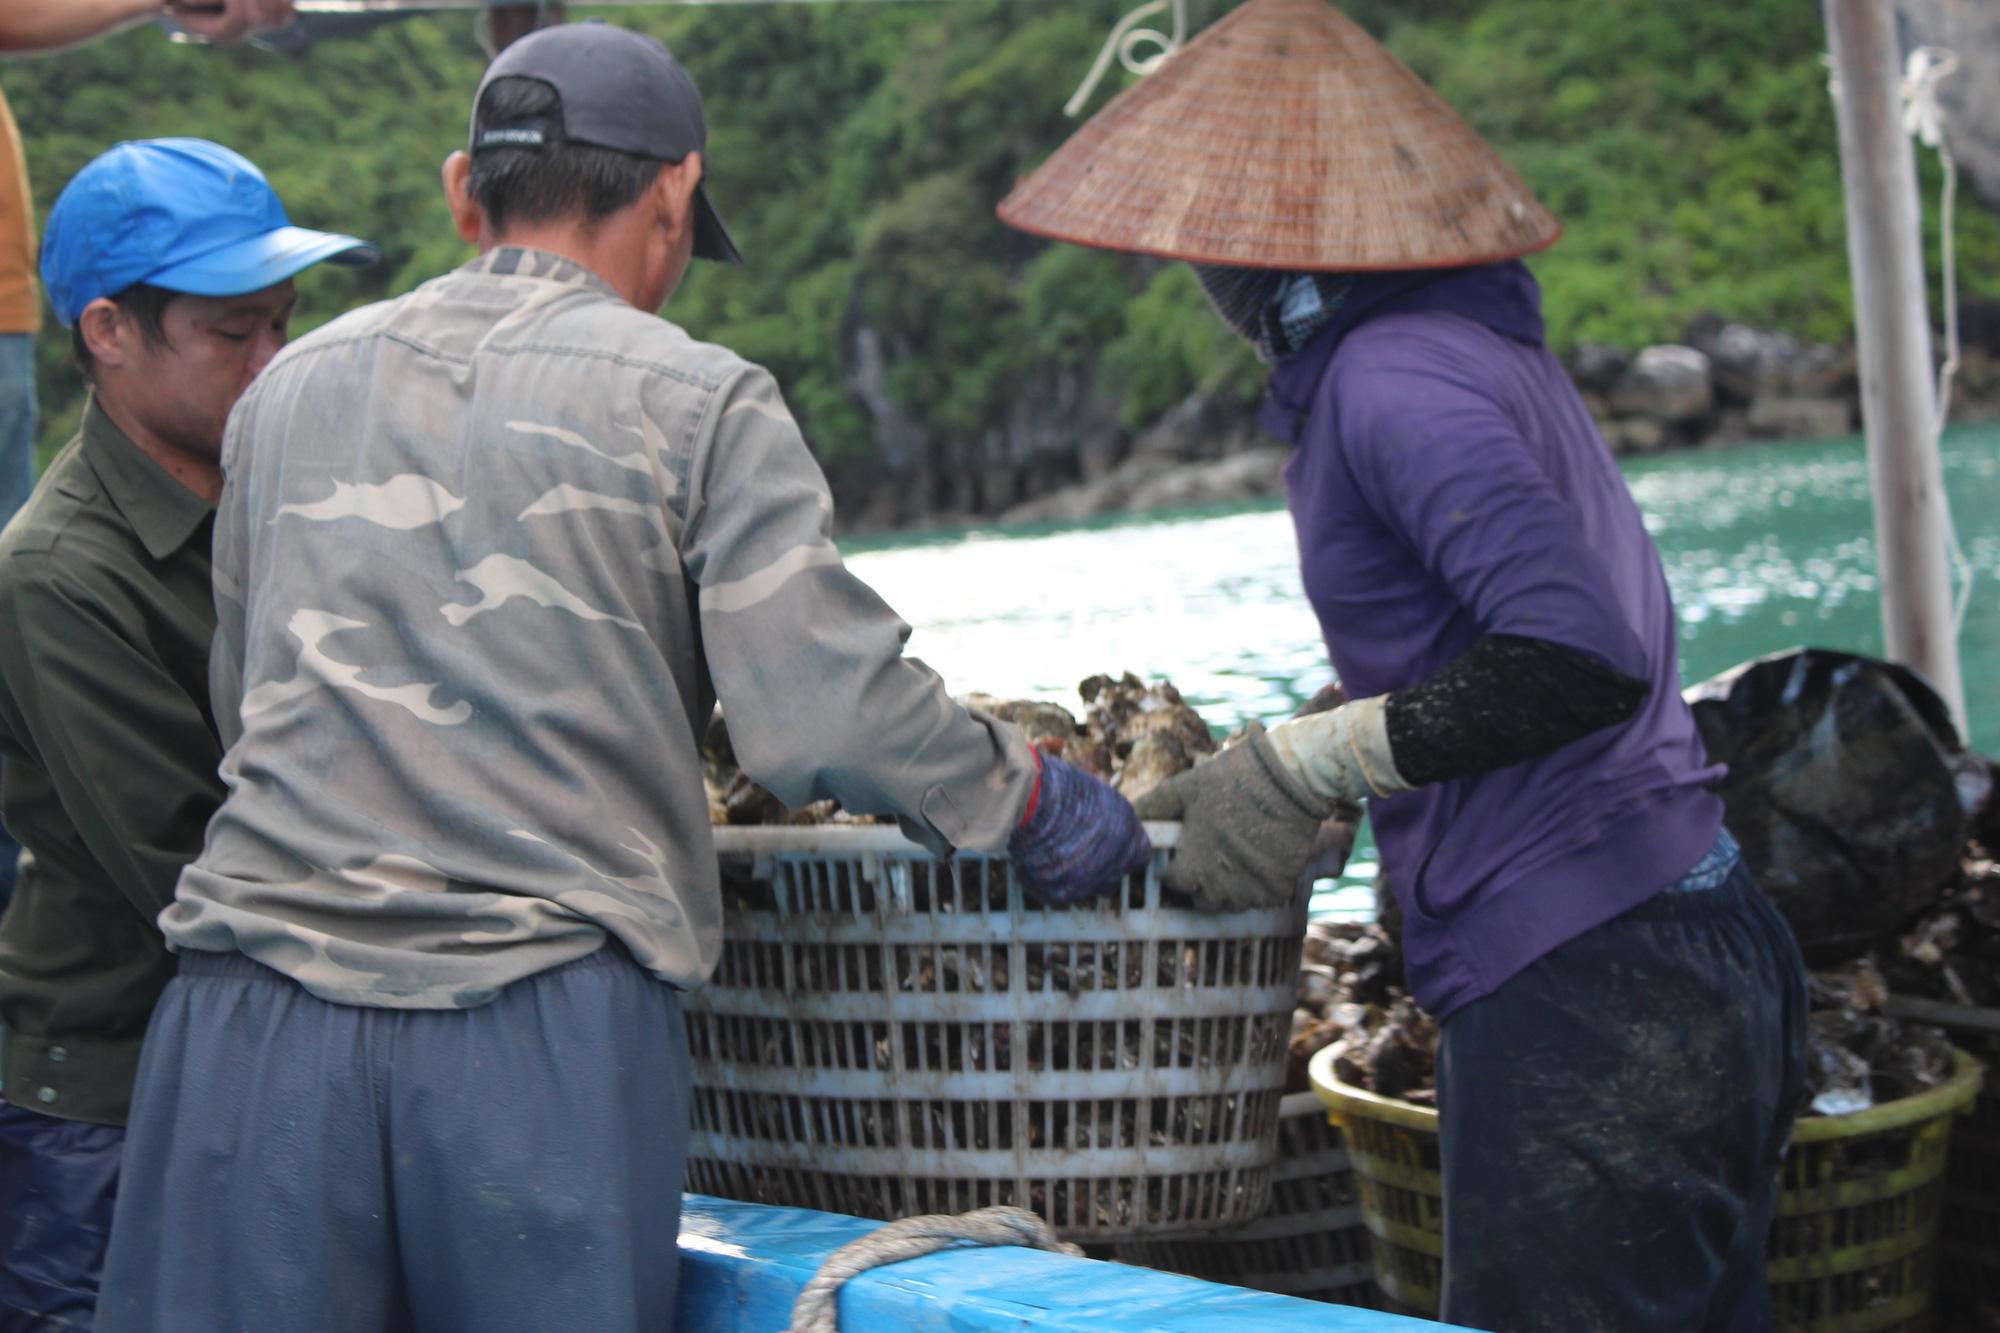 Quảng Ninh: Hàu sữa rớt giá vì dịch COVID-19, ngư dân trắng đêm thu hoạch - Ảnh 11.